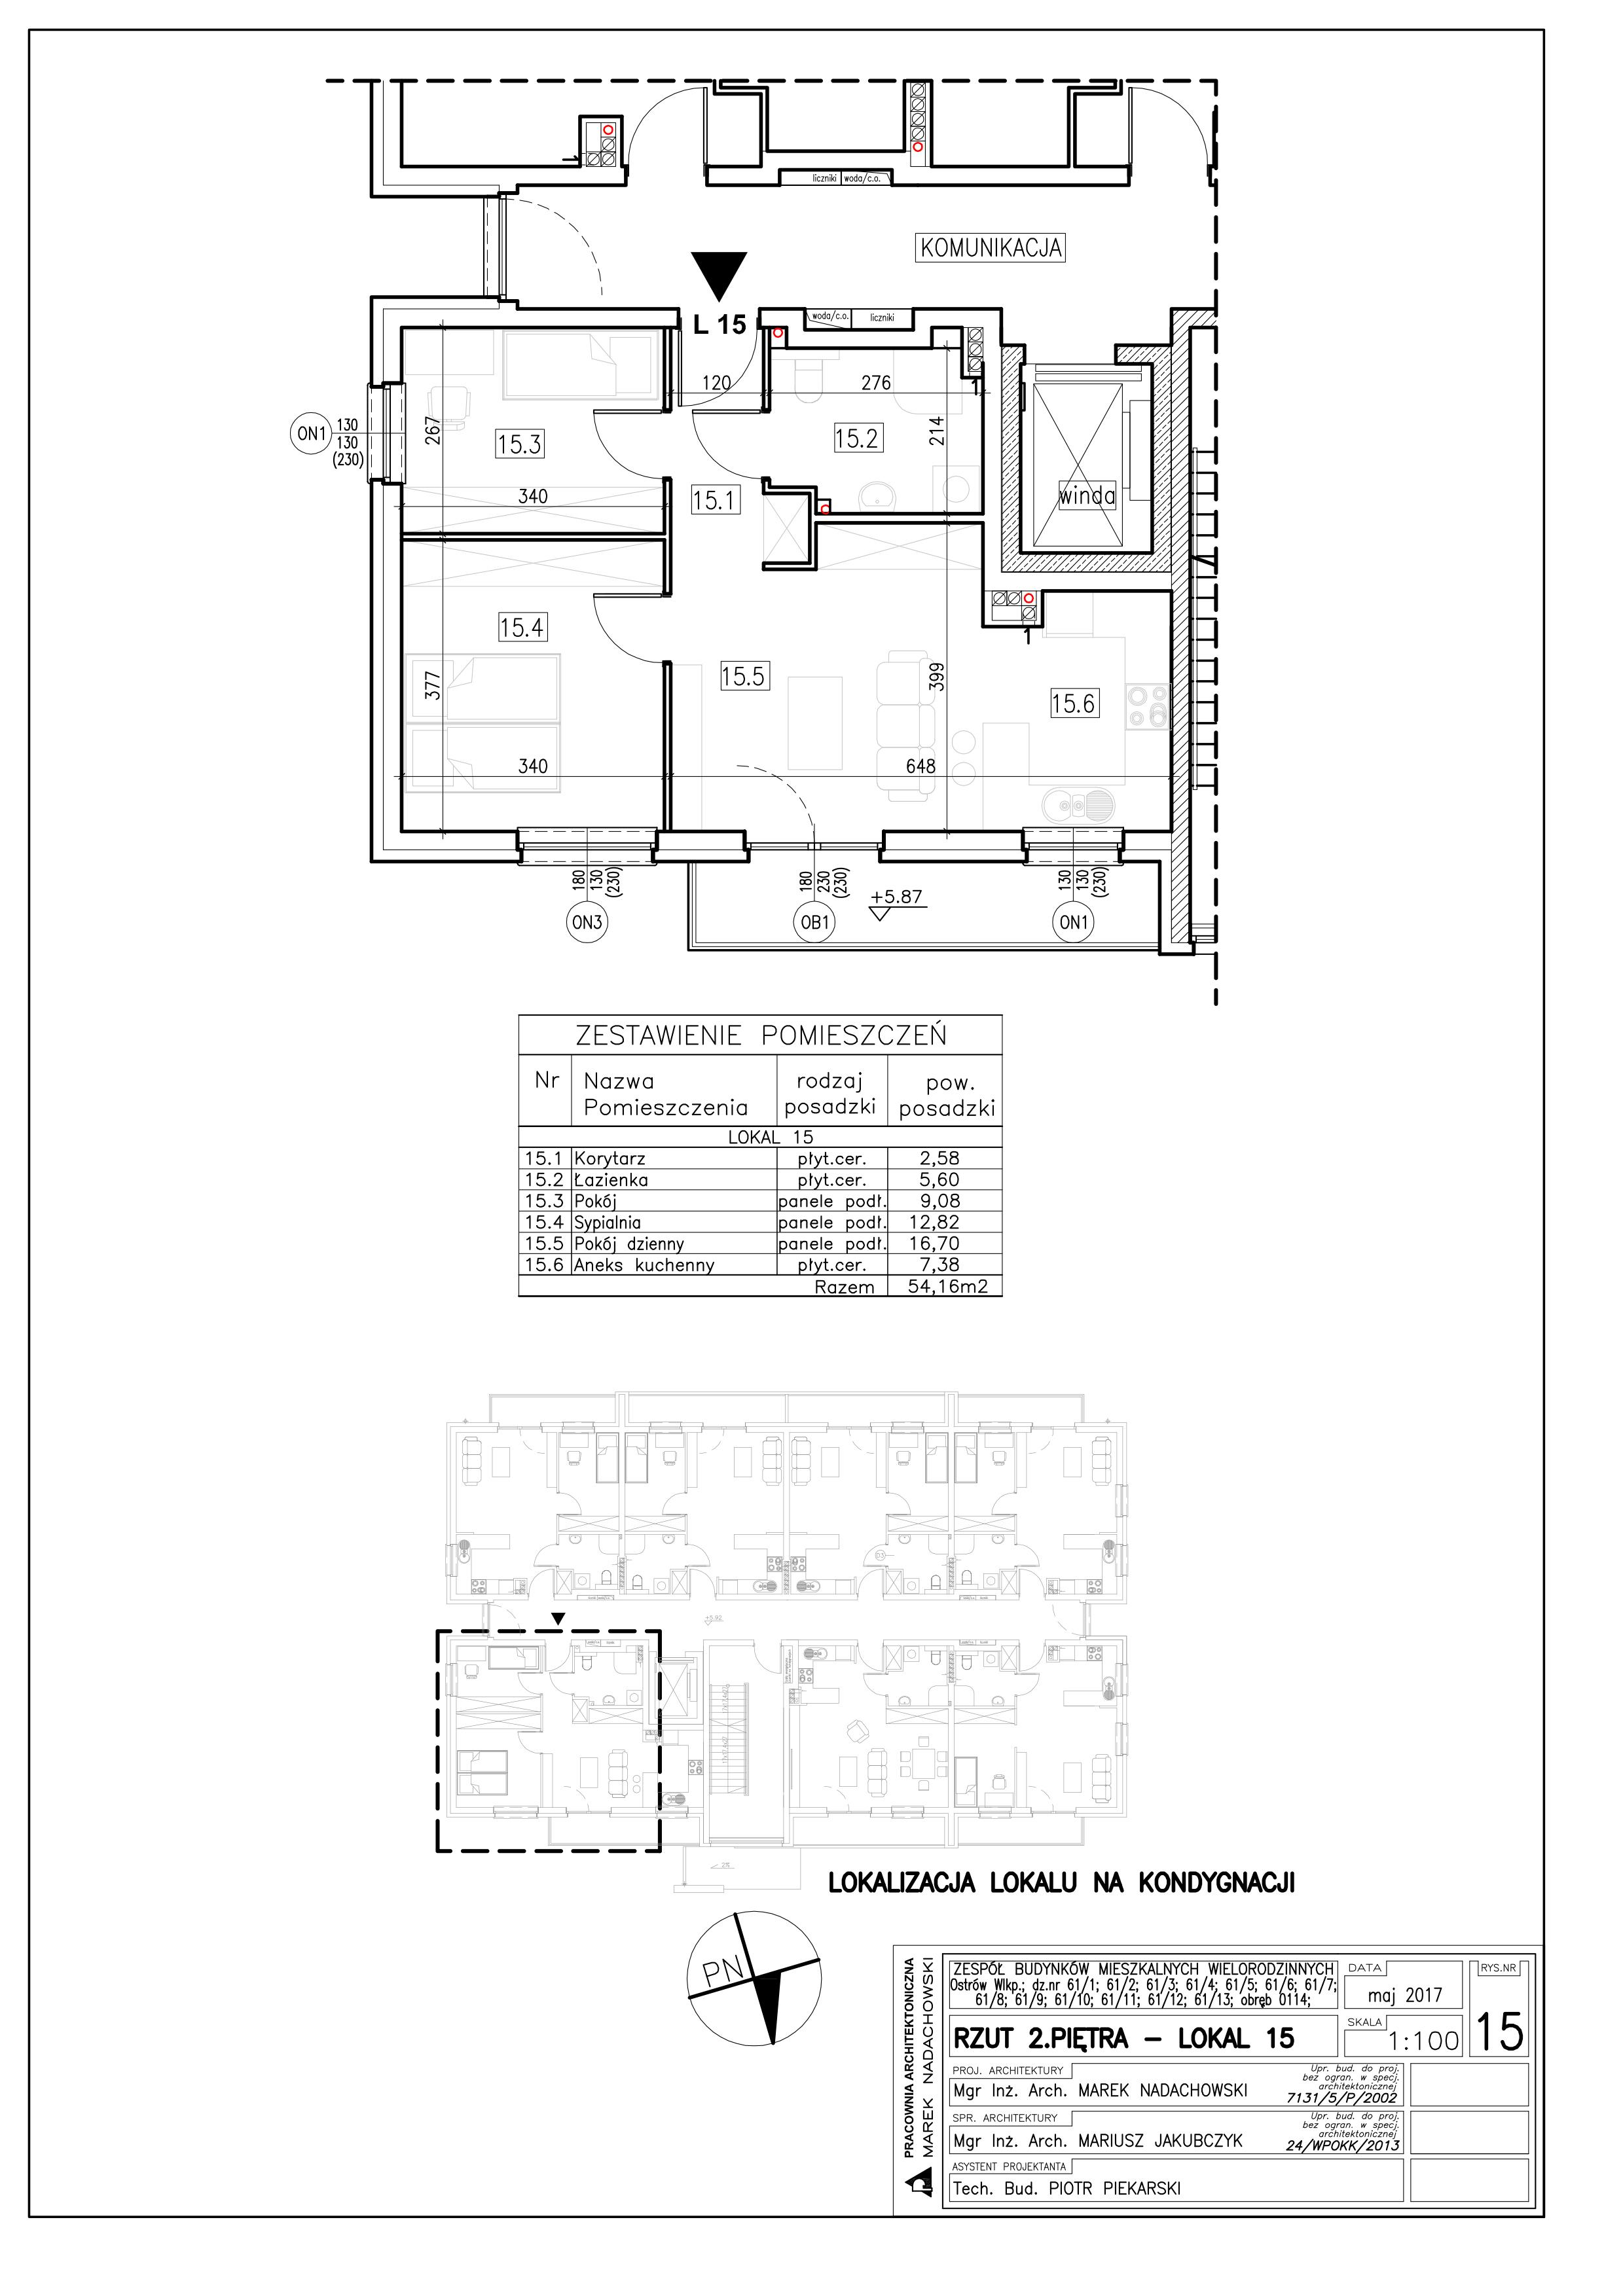 Lokal nr 15 Powierzchnia: 54,16 m2